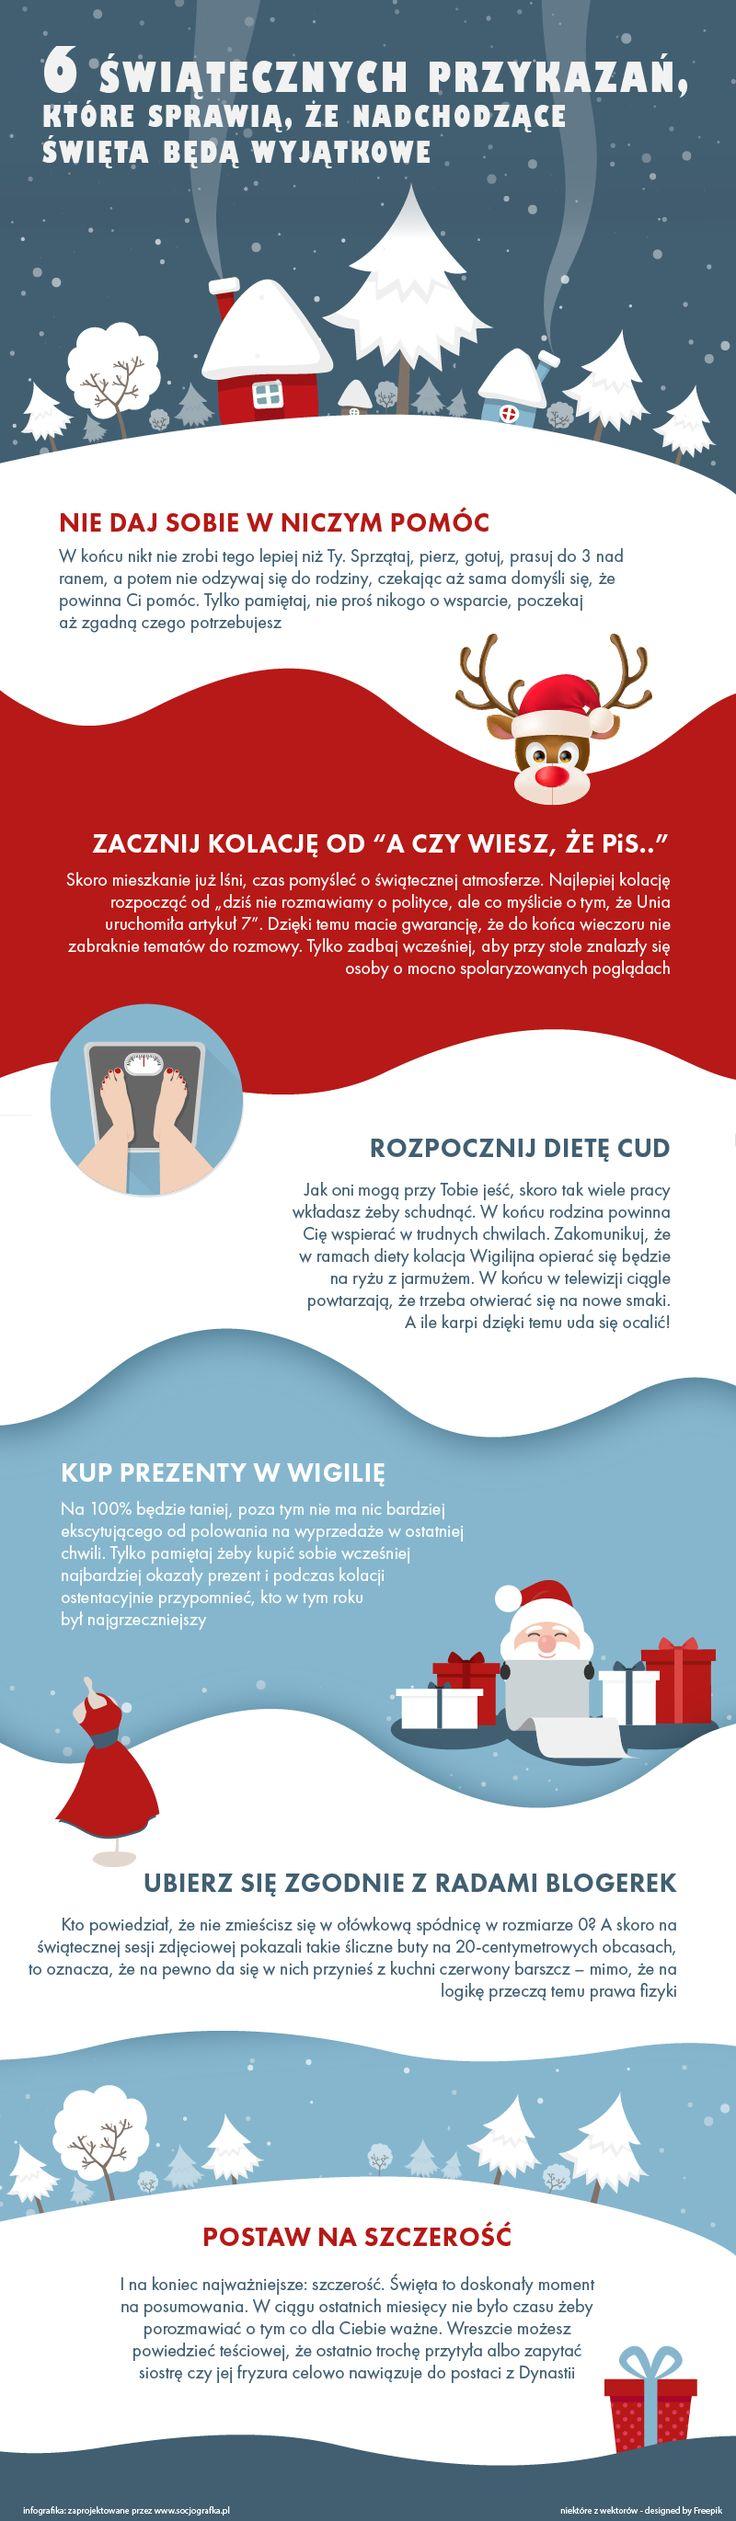 Infografika z antyporadnikiem jak nie należy przygotowywać się do Świąt. To taki mój minidrogowskaz, co zrobić żeby znienawidzić Boże Narodzenie. Opisy są trochę z przymrużeniem oka, w każdym razie nikomu z nie życzę takich Świąt:-) vertical infographic - preparation for Christmas